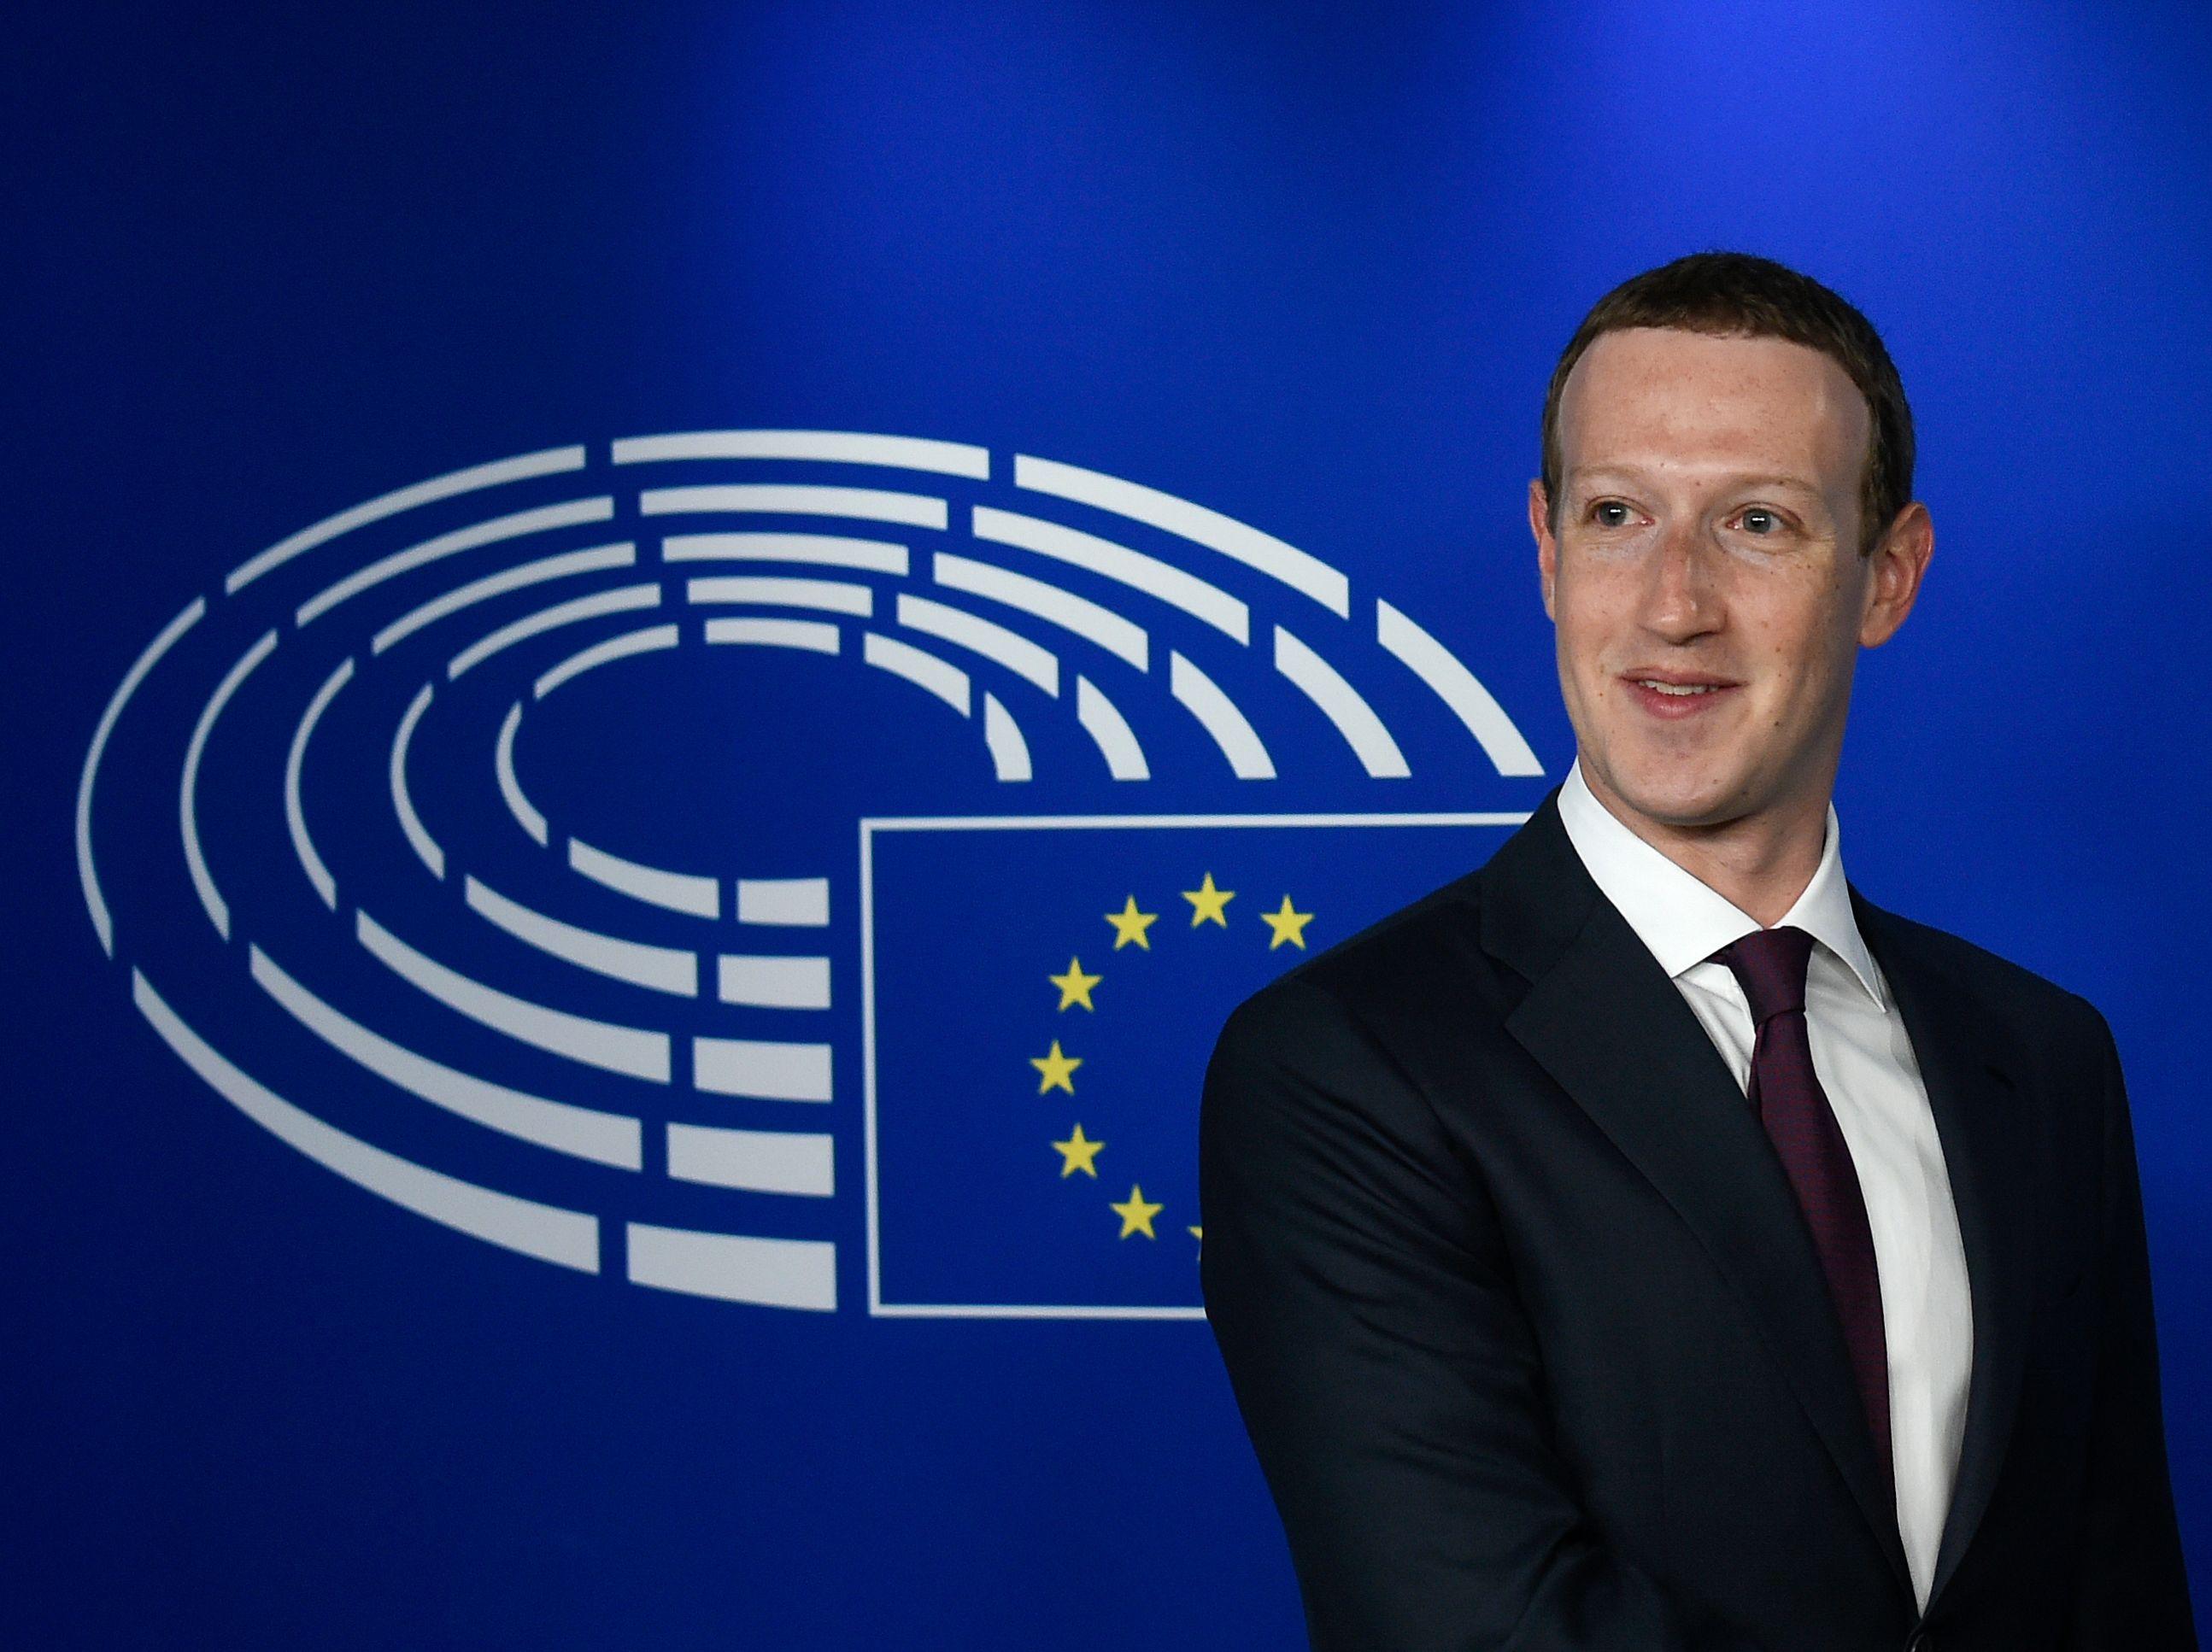 BELGIUM-EU-FACEBOOK-DATA